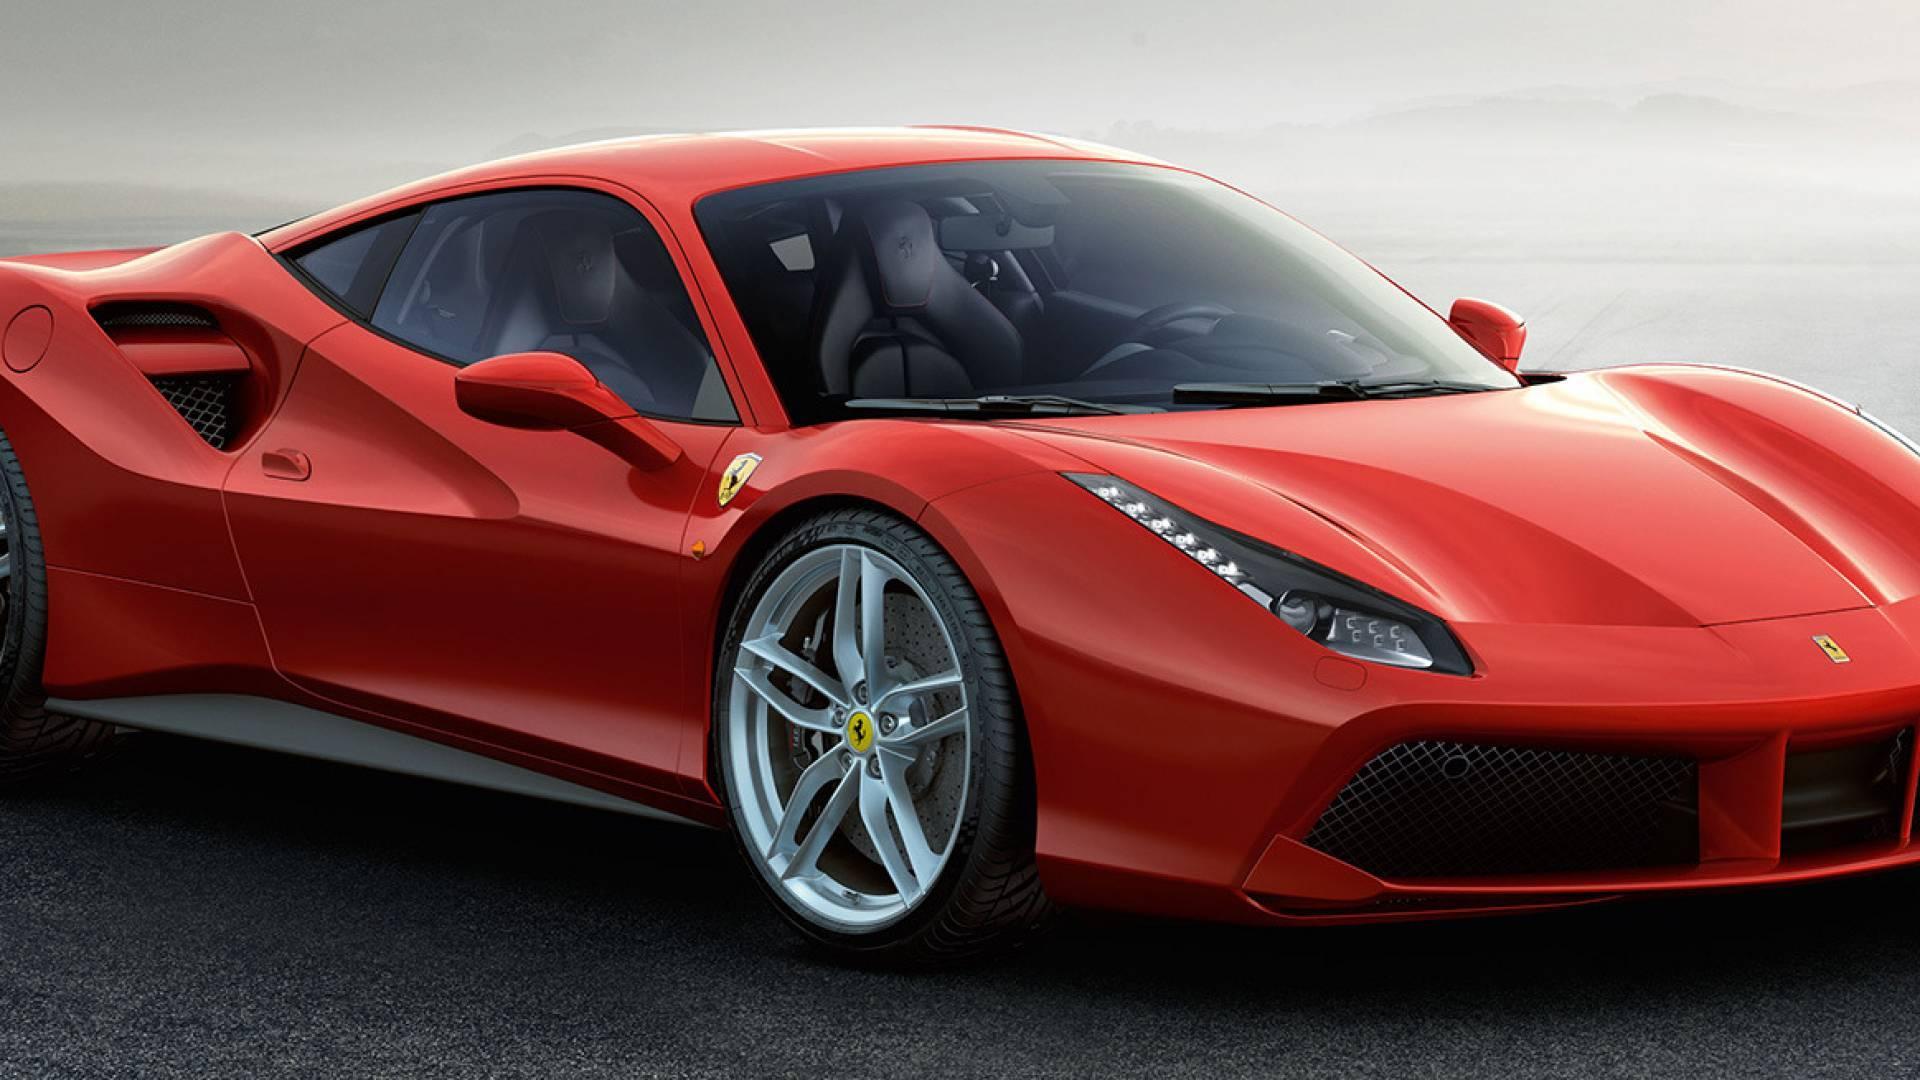 Coche Ferrari 488 GTB